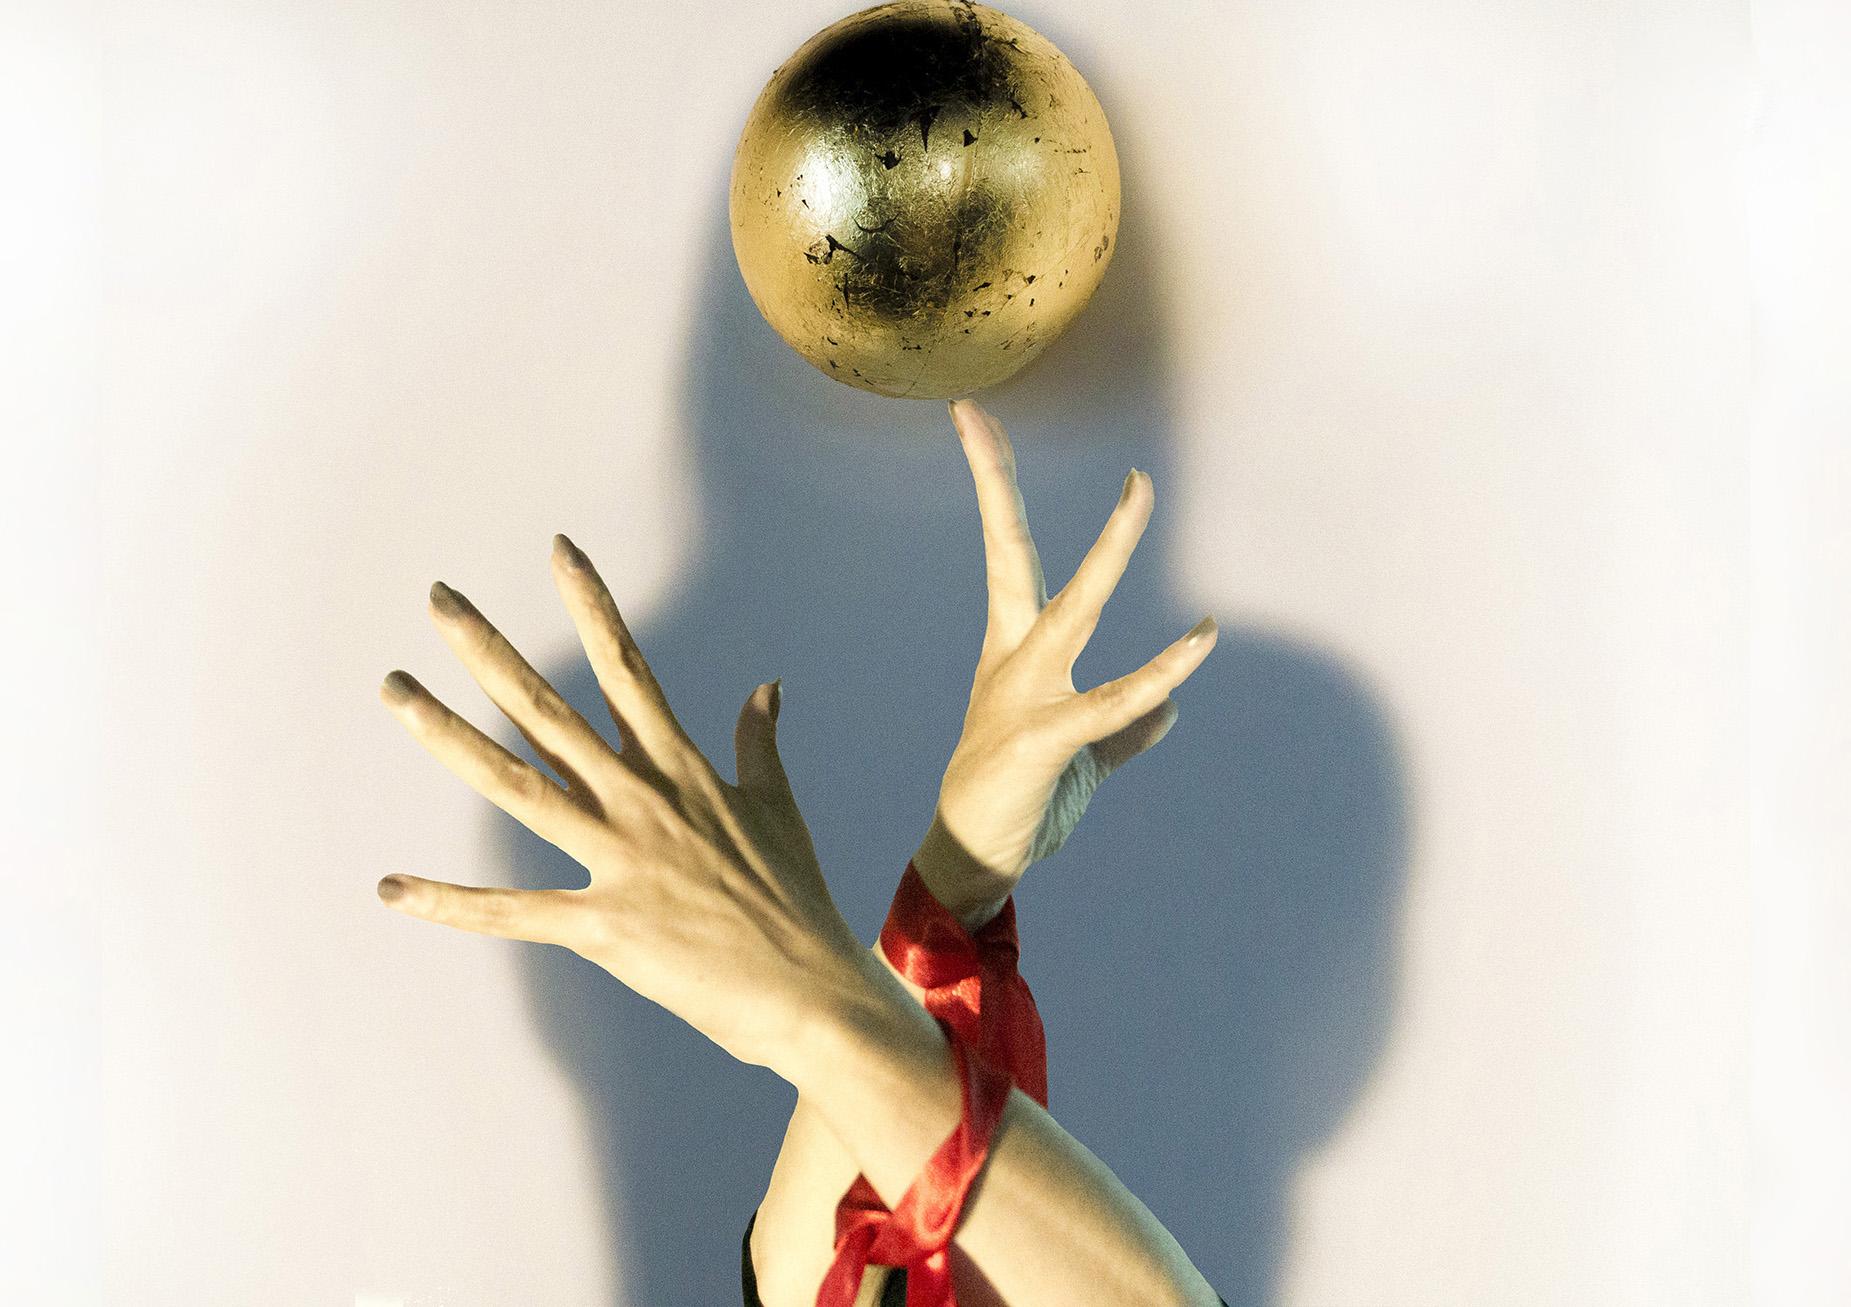 fotografia a colori, opera di artista Marilena Vita, mani con polsi legati da nastro rosso, sfera dorata che fluttua